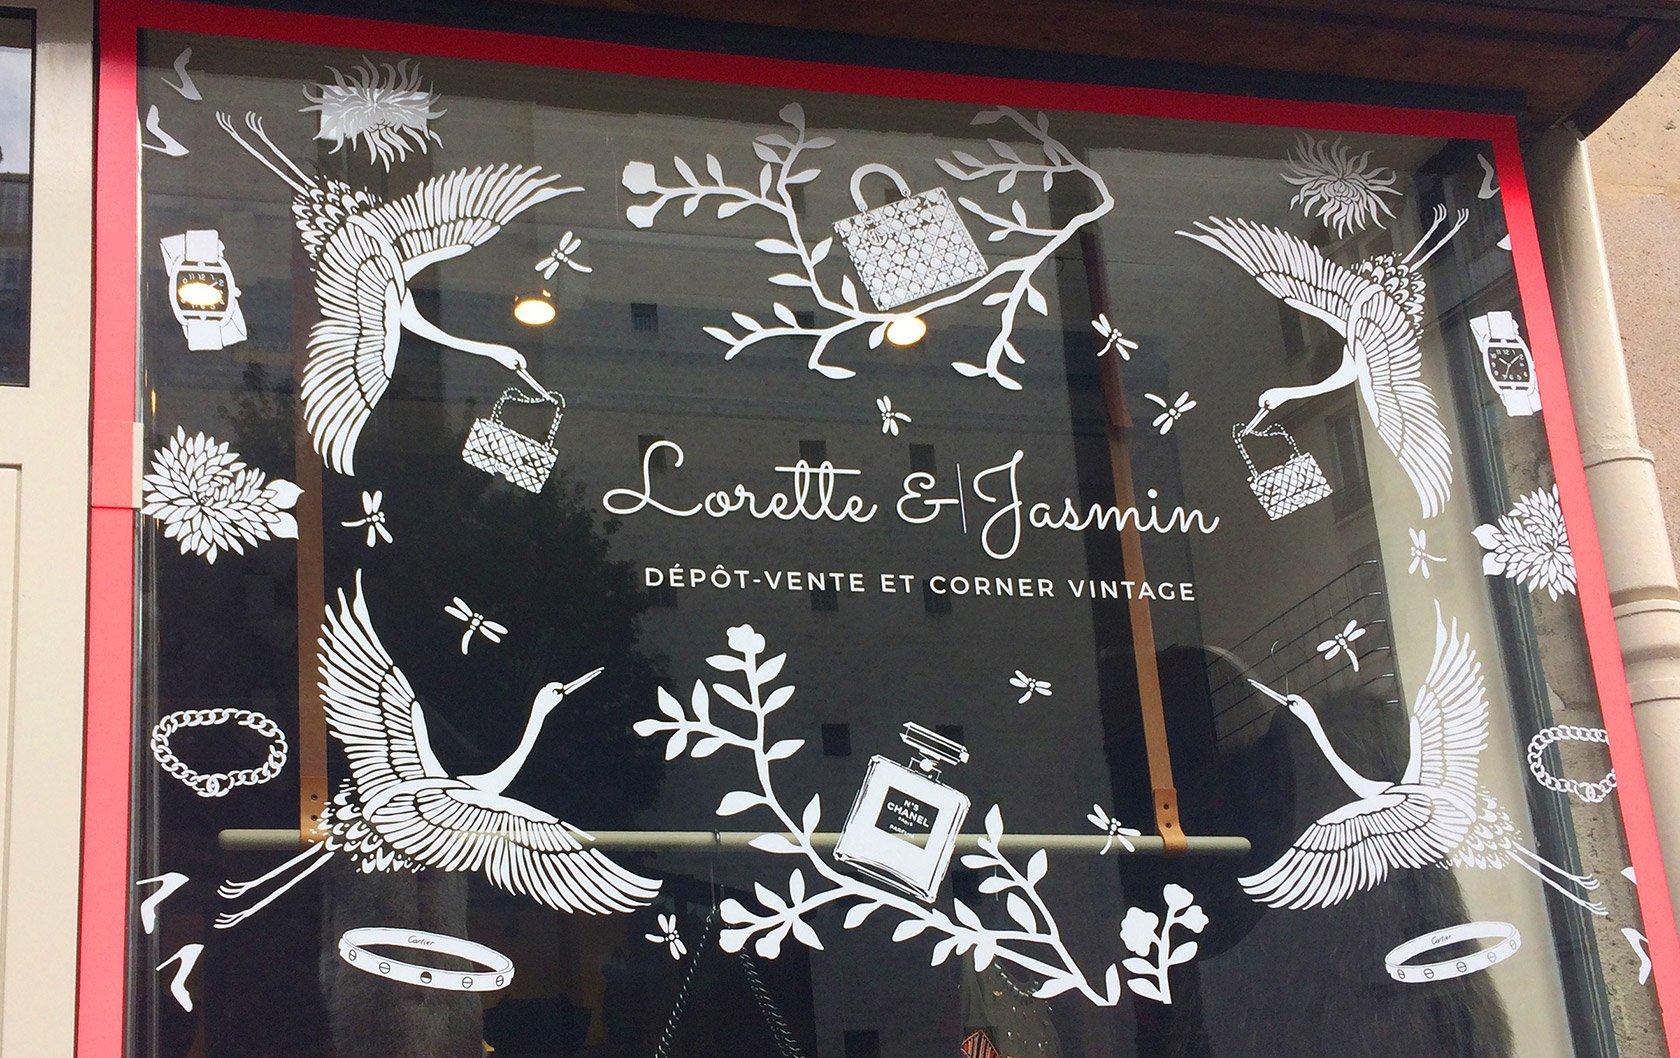 MW-lorette-et-jasmin-depot-vente-exterior-sign